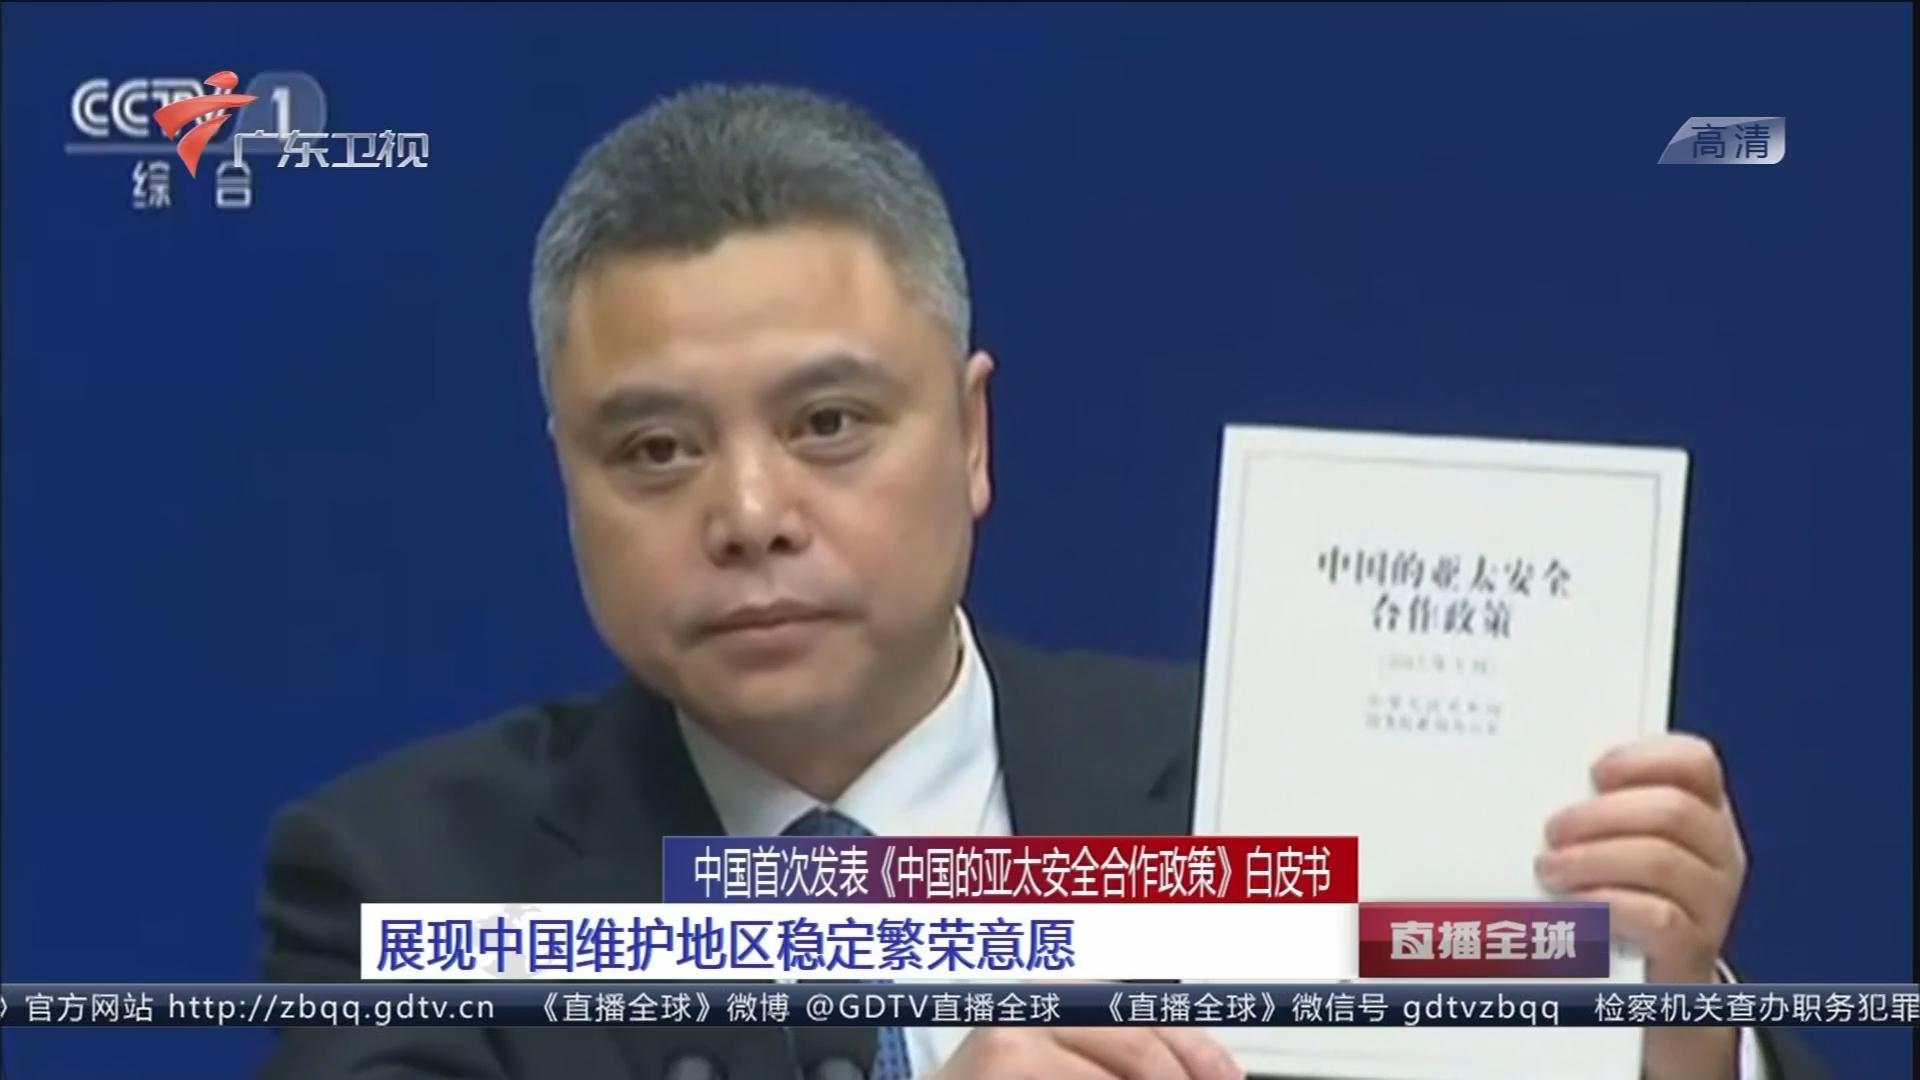 中国首次发表《中国的亚太安全合作政策》白皮书:展现中国维护地区稳定繁荣意愿